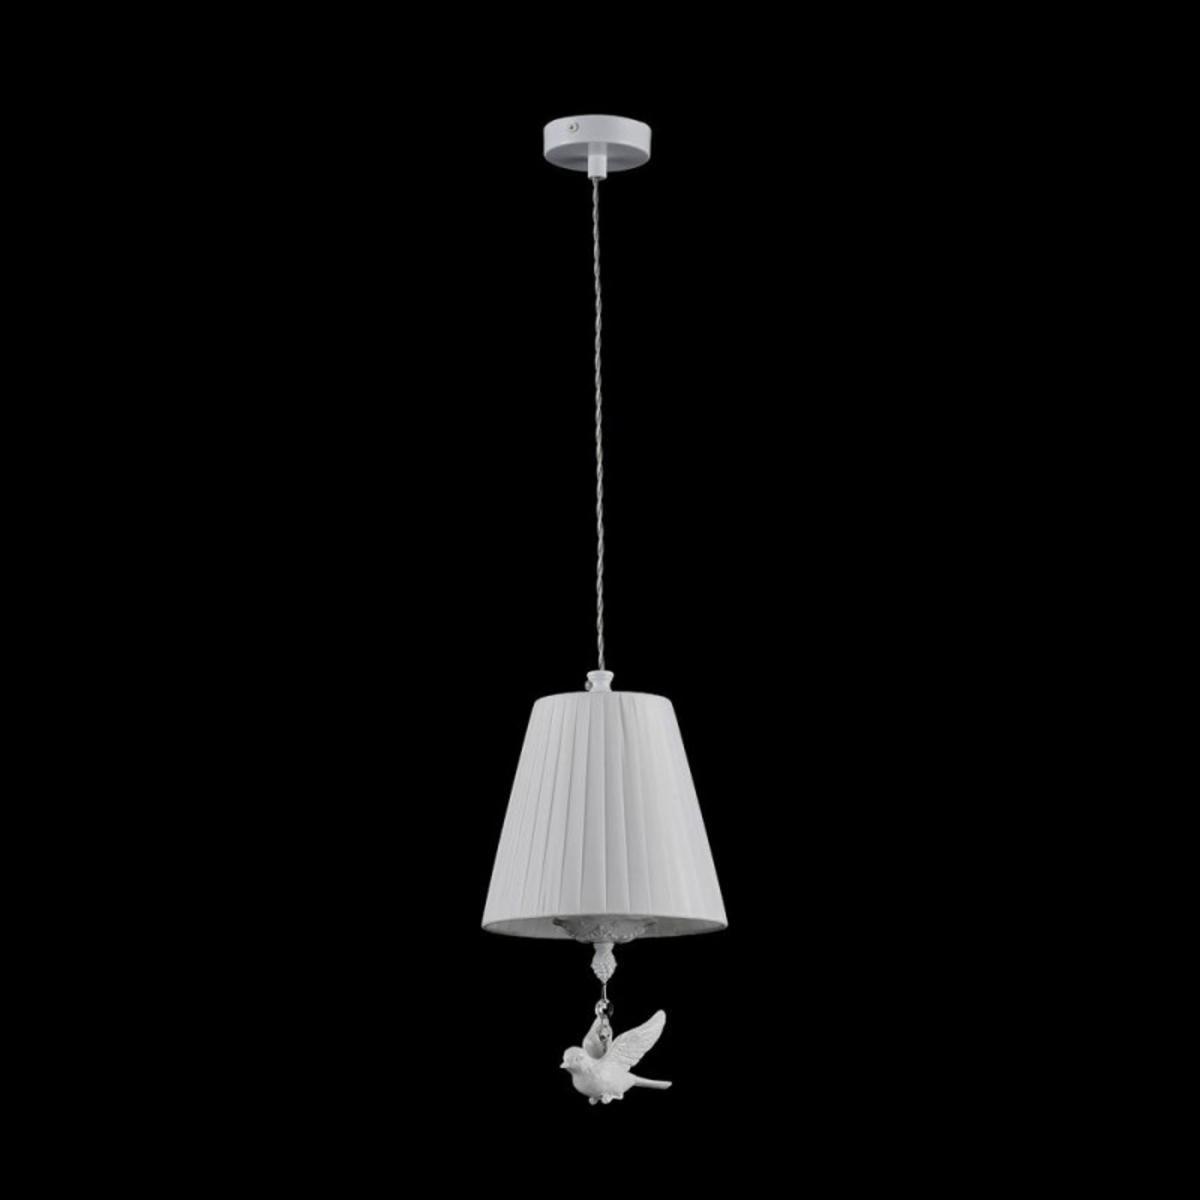 Купить Подвесной светильник Elegant+ARM001 ARM001-22-W, HomeMe